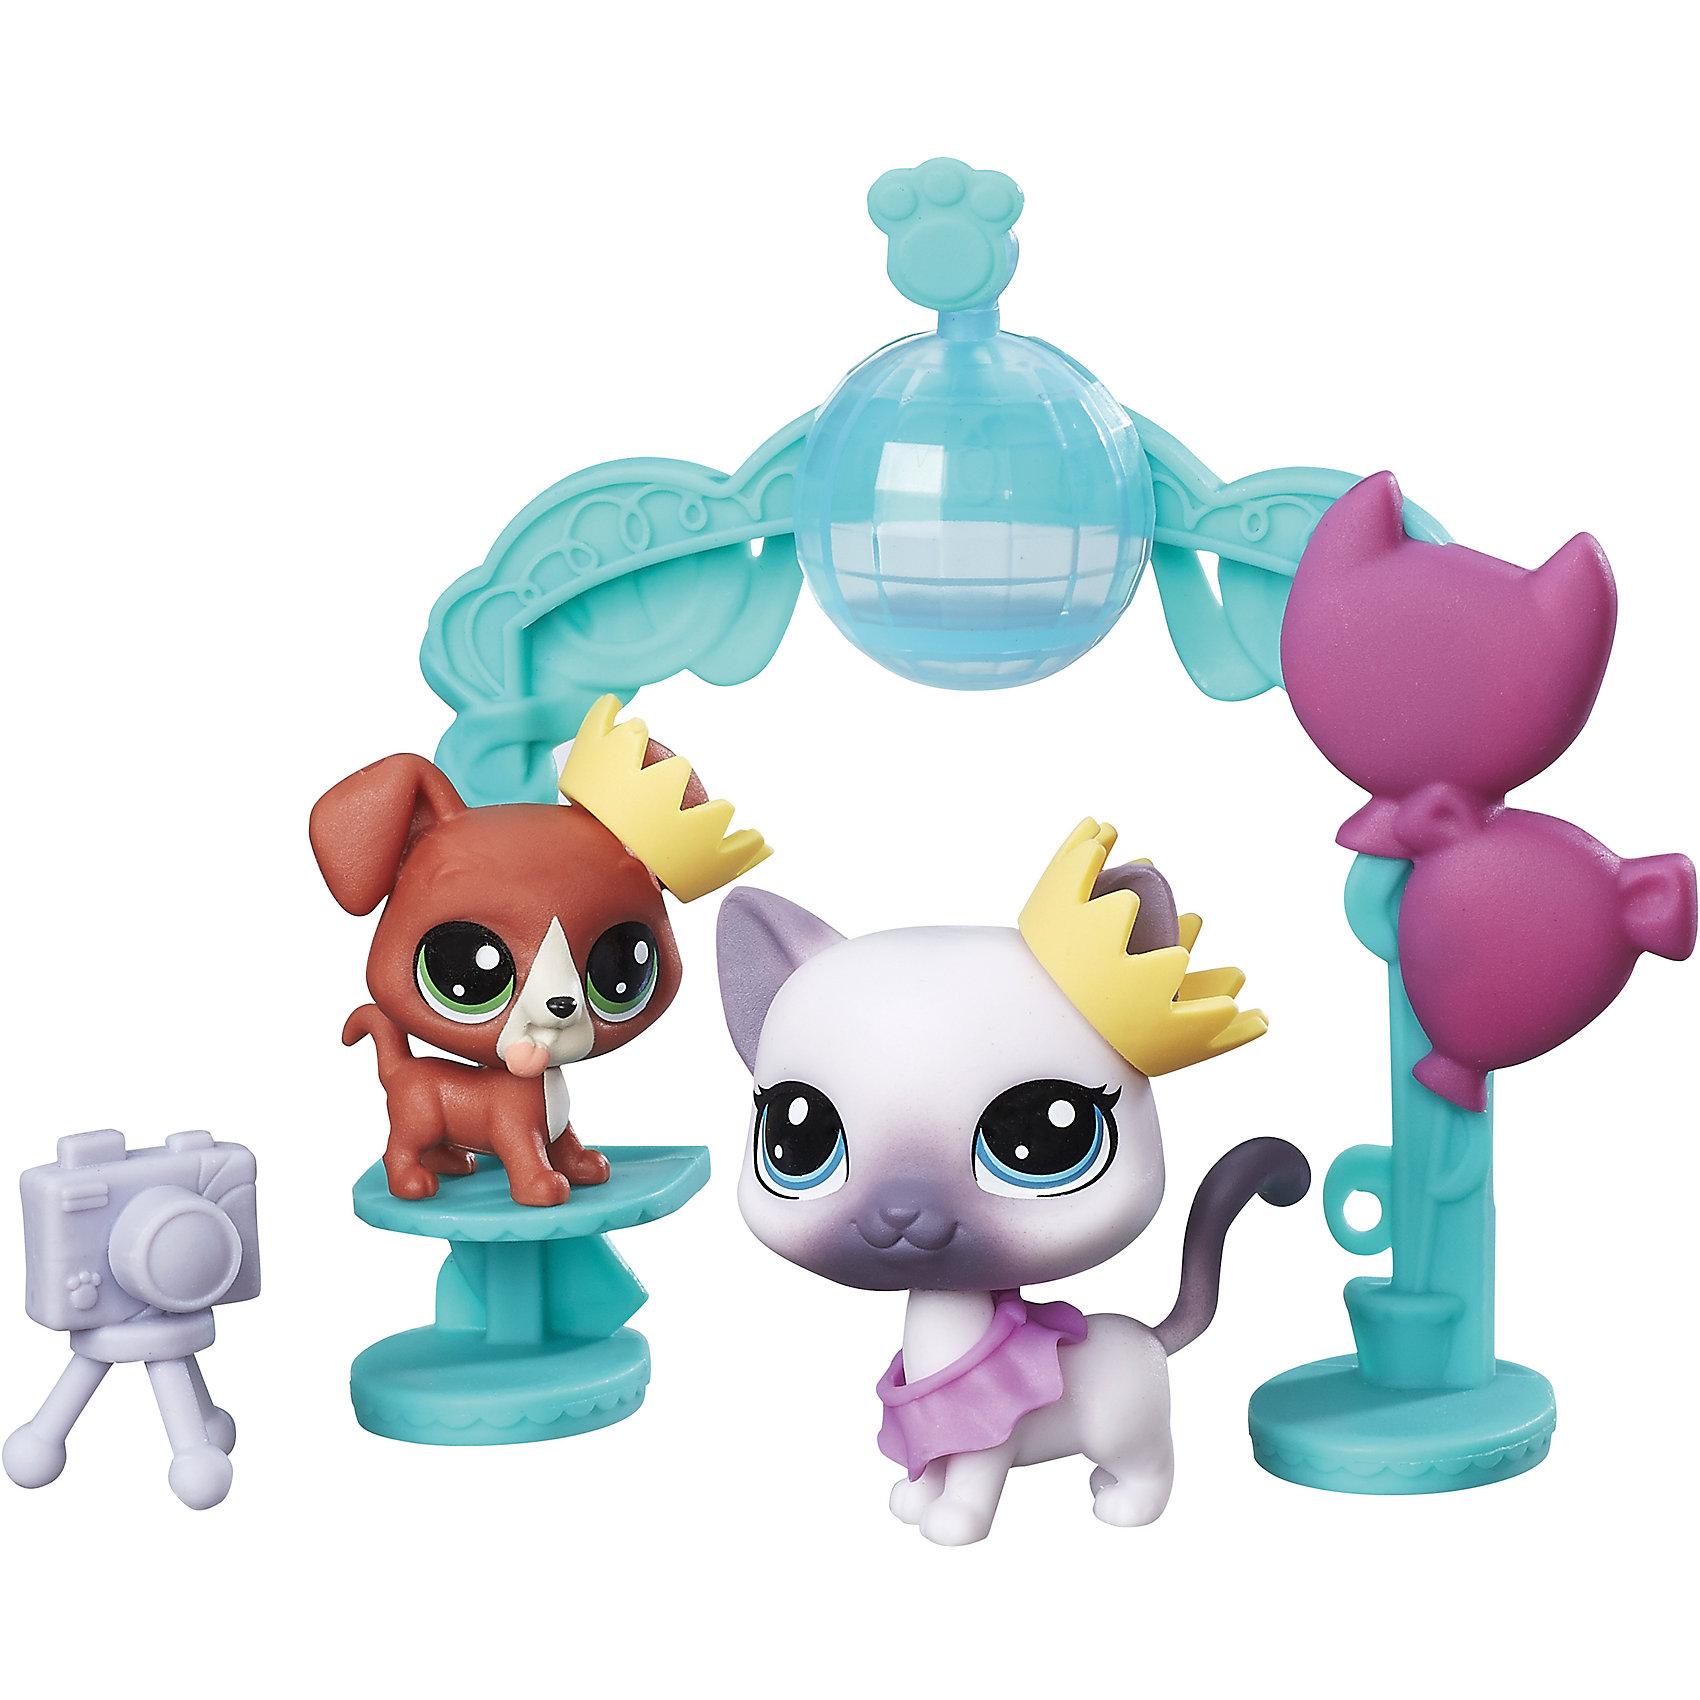 Набор Чудесные приключения, Littlest Pet Shop, B9347/С0047Littlest Pet Shop Игрушки и пазлы<br>Характеристики:<br><br>• Материал: пластик<br>• Комплектация: 2 фигурки животных, школьный танцпол, аксессуары<br>• Вес в упаковке: 121 г<br>• Размеры упаковки (Г*Ш*В): 4,4*19,1*19,1 см<br><br>Набор Чудесные приключения, Littlest Pet Shop, B9347/С0047 – это набор из популярнейшей серии от мирового лидера игрушек Hasbro. Комплект состоит из школьного танцпола в виде празднично украшенной арки, 2-х фигурок животных и аксессуаров. Все детали набора выполнены из прочного твердого пластика, устойчивого к механическим повреждениям, окрашены яркими нетоксичными красками, которые не выгорают на солнце и не меняют свой цвет даже при длительном использовании.<br><br>Набор Чудесные приключения, Littlest Pet Shop, B9347/С0047 можно купить в нашем интернет-магазине.<br><br>Ширина мм: 44<br>Глубина мм: 191<br>Высота мм: 191<br>Вес г: 121<br>Возраст от месяцев: 48<br>Возраст до месяцев: 2147483647<br>Пол: Женский<br>Возраст: Детский<br>SKU: 5488316